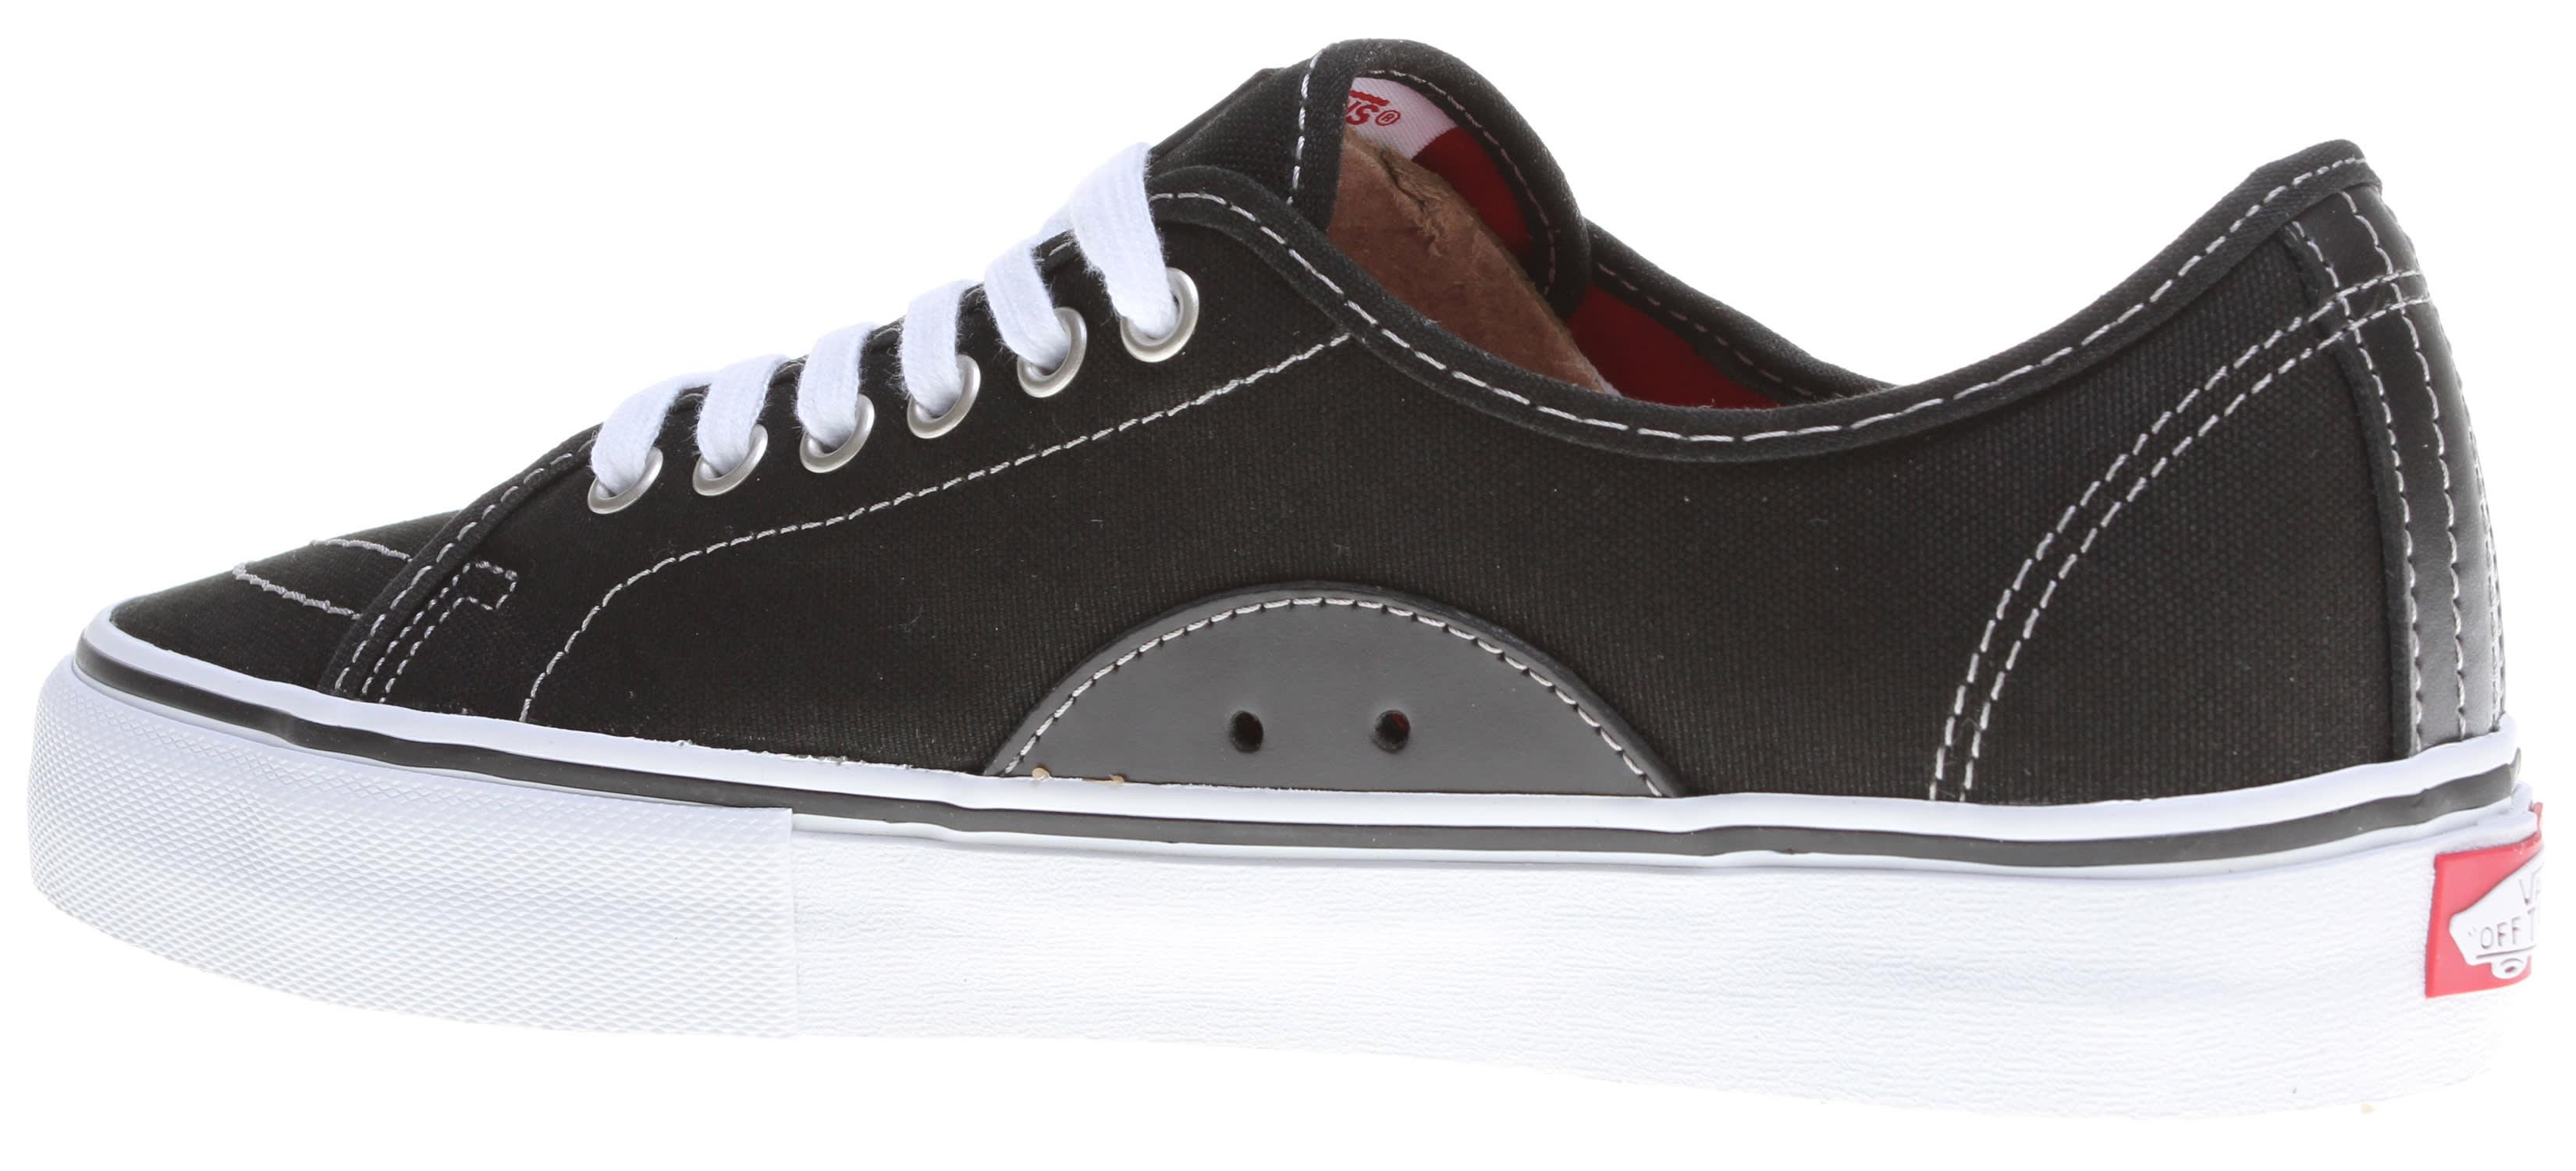 d6f02106eabb12 Vans AV Classic Skate Shoes - thumbnail 3